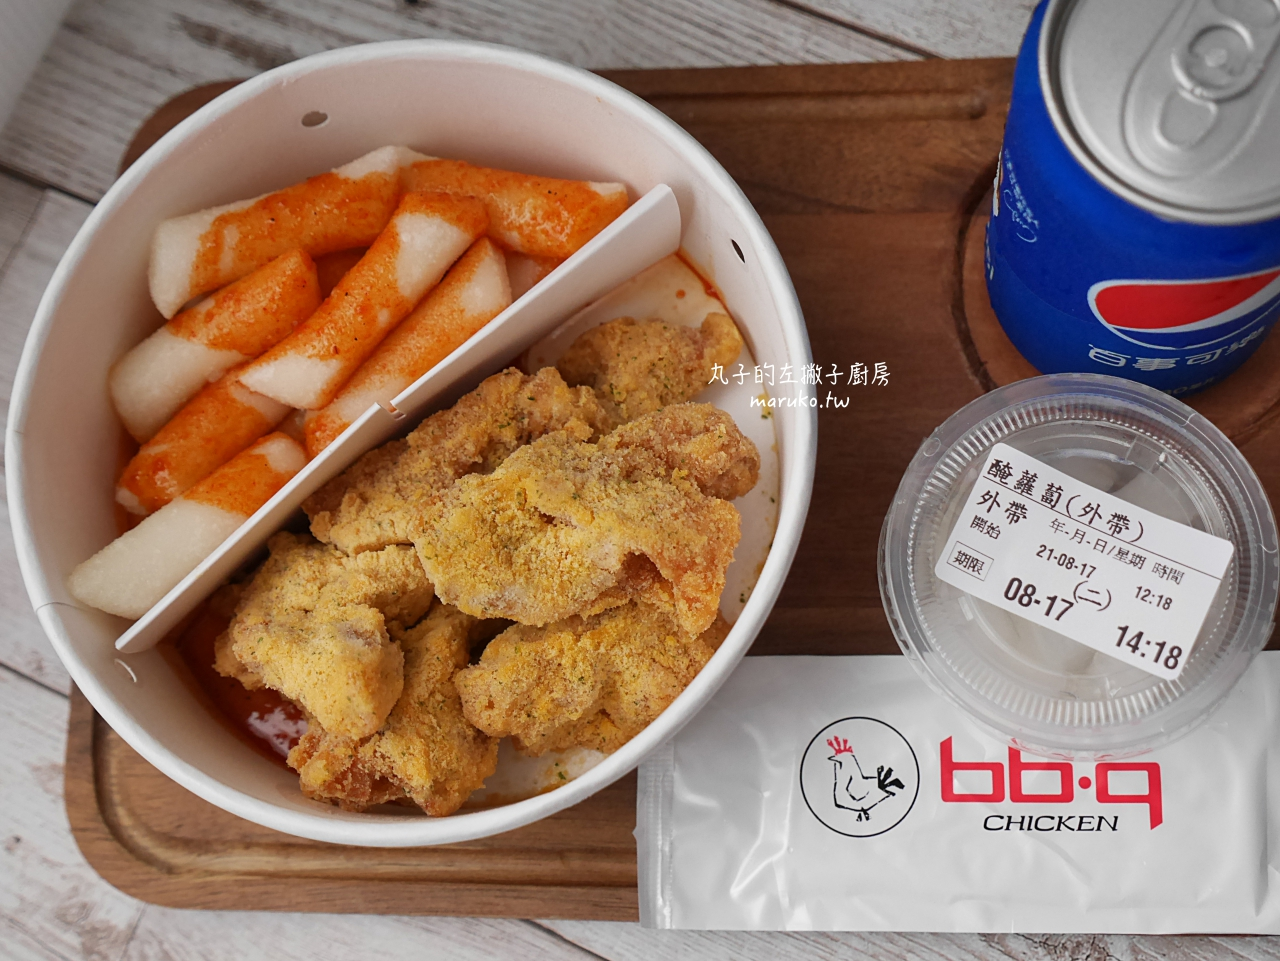 【台北】bb.q chicken 韓國最大炸雞品牌 一個人的炸雞獨享餐 @Maruko與美食有個約會